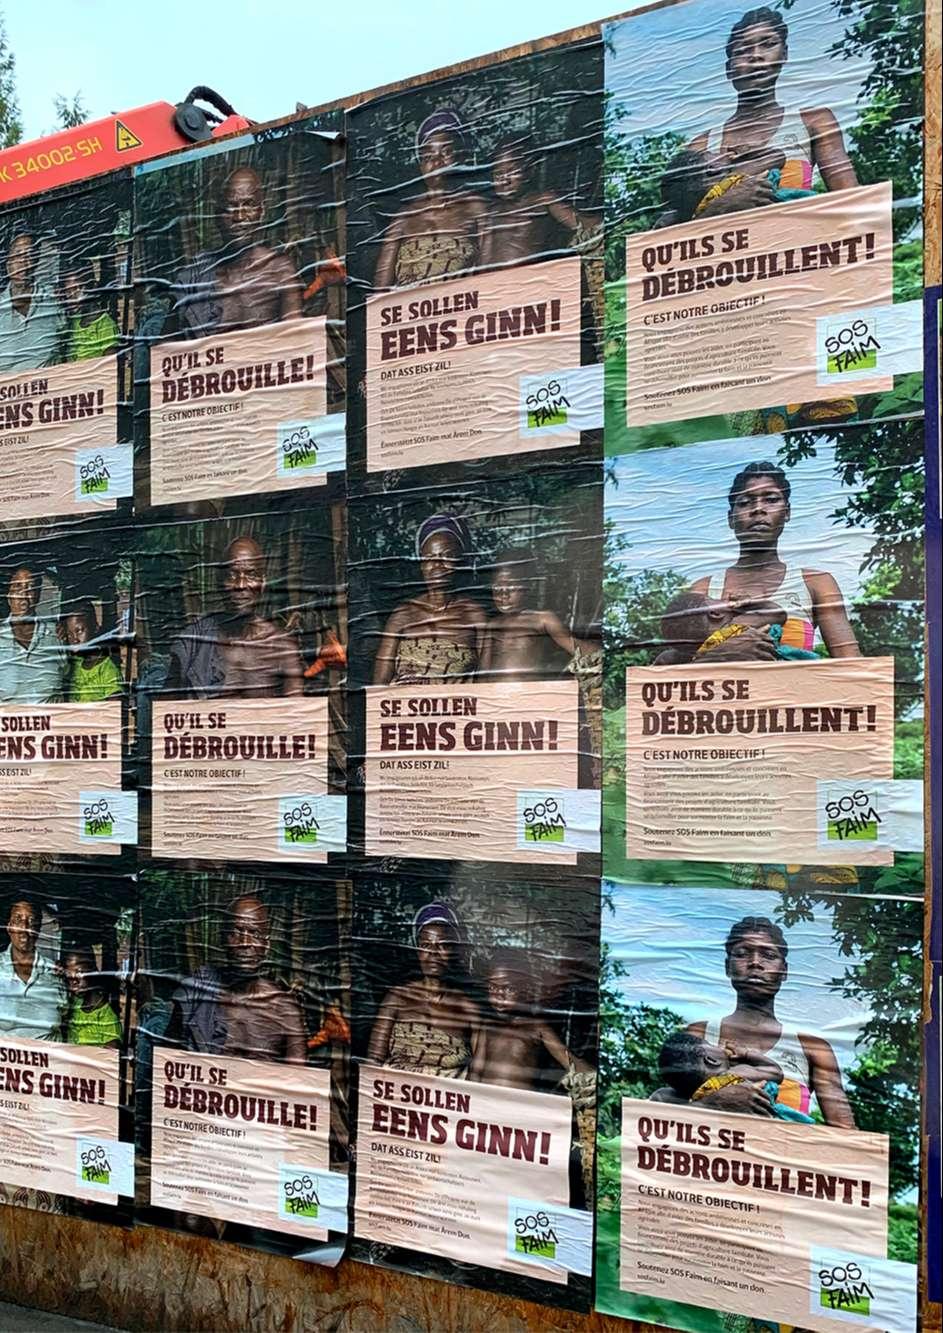 Une campagne forte, percutante et originale réalisée par l'agence de communication Comed au Luxembourg